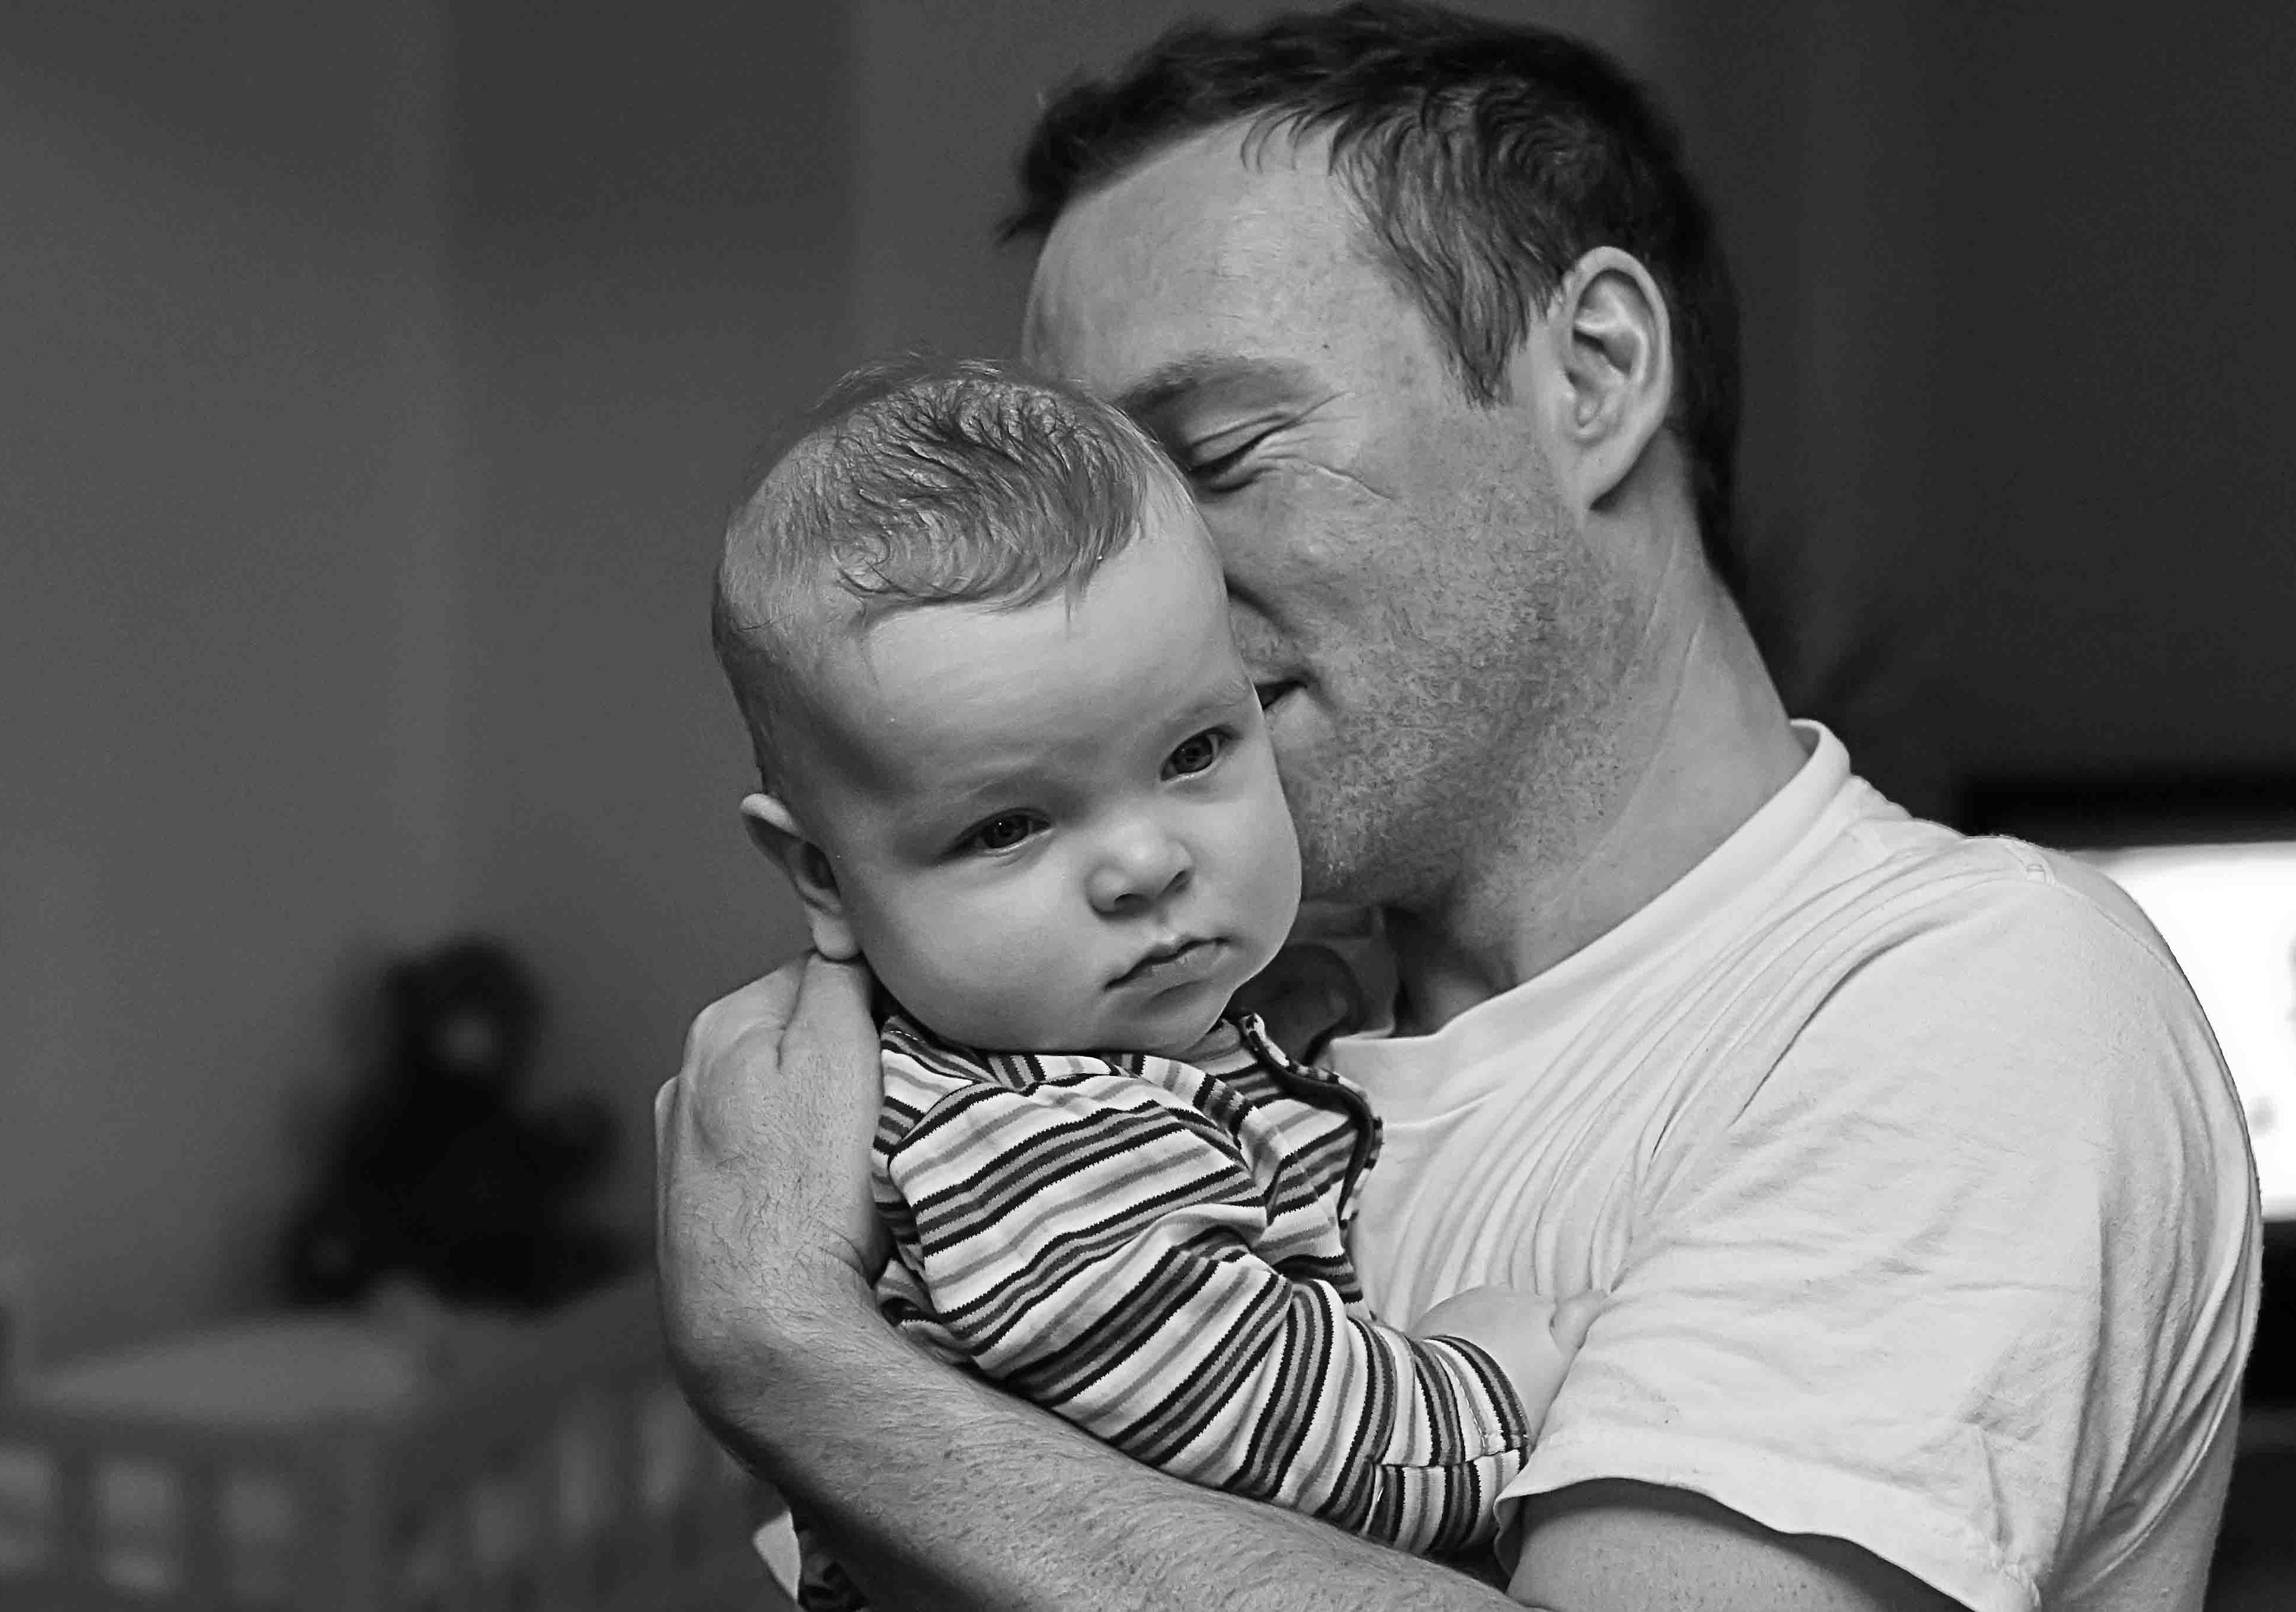 Pais solteiros têm expectativa de vida menor do que mães na mesma situação (Foto: Wikimedia Commons)